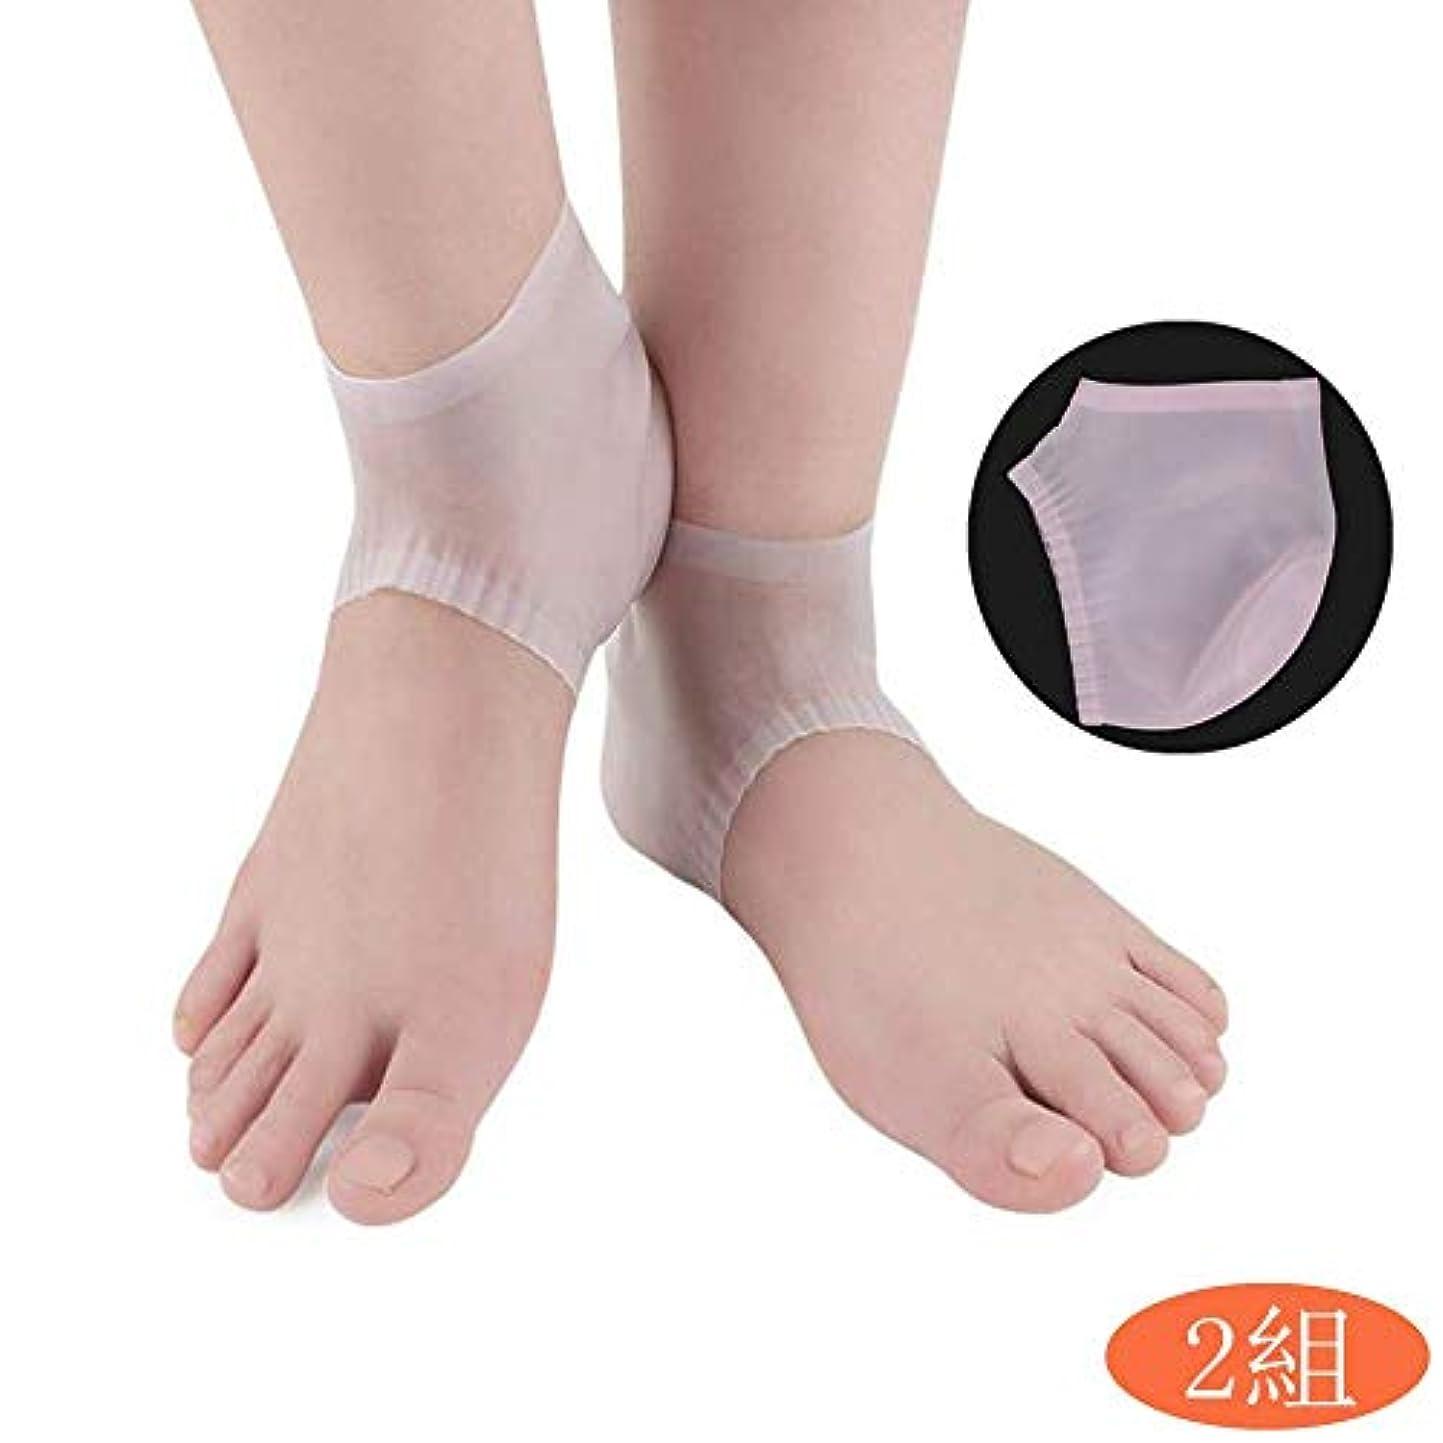 かかと保護カバー 靴ずれ防止 足底筋膜炎 踵 かかとサポーター 足裏サポート 足裂防止 ひび割れ防止 痛みを緩和 衝撃吸収 美足 足クッション 男女兼用(2組)